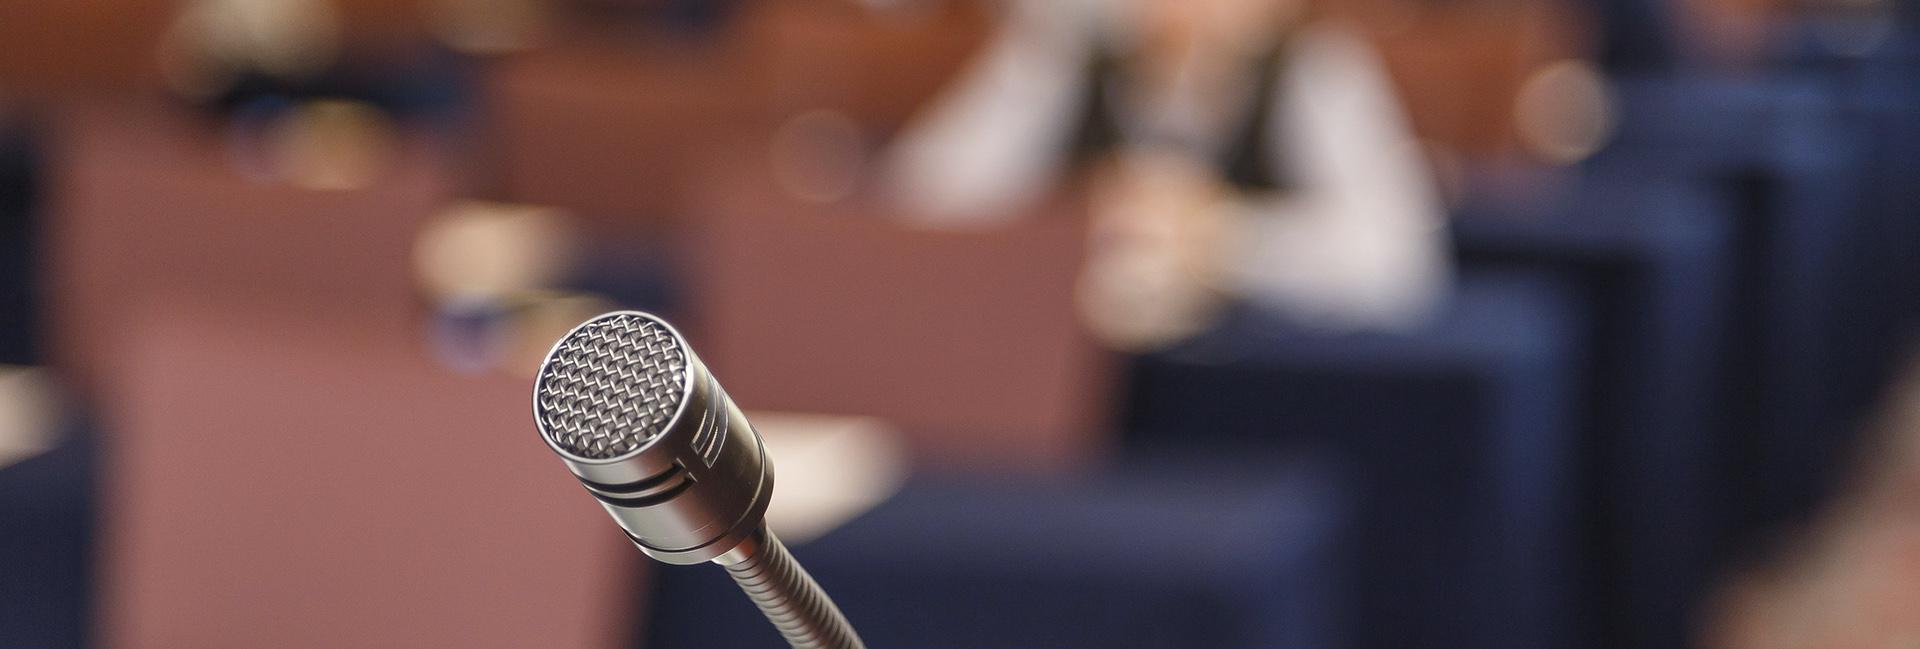 Congreso-cobertura-grabación-de-video-videos-camaras-productora-de-eventos-slim-grupoaudiovisual